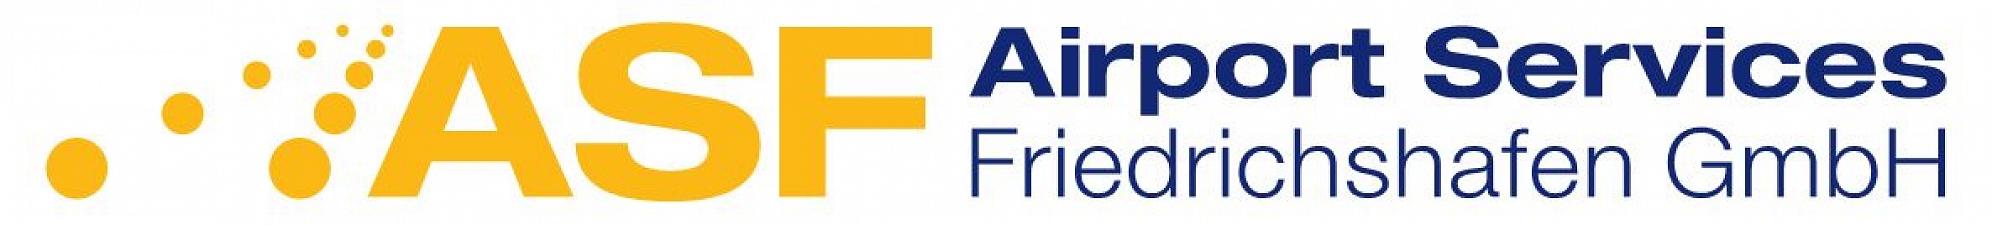 © Airport Services Friedrichshafen GmbH